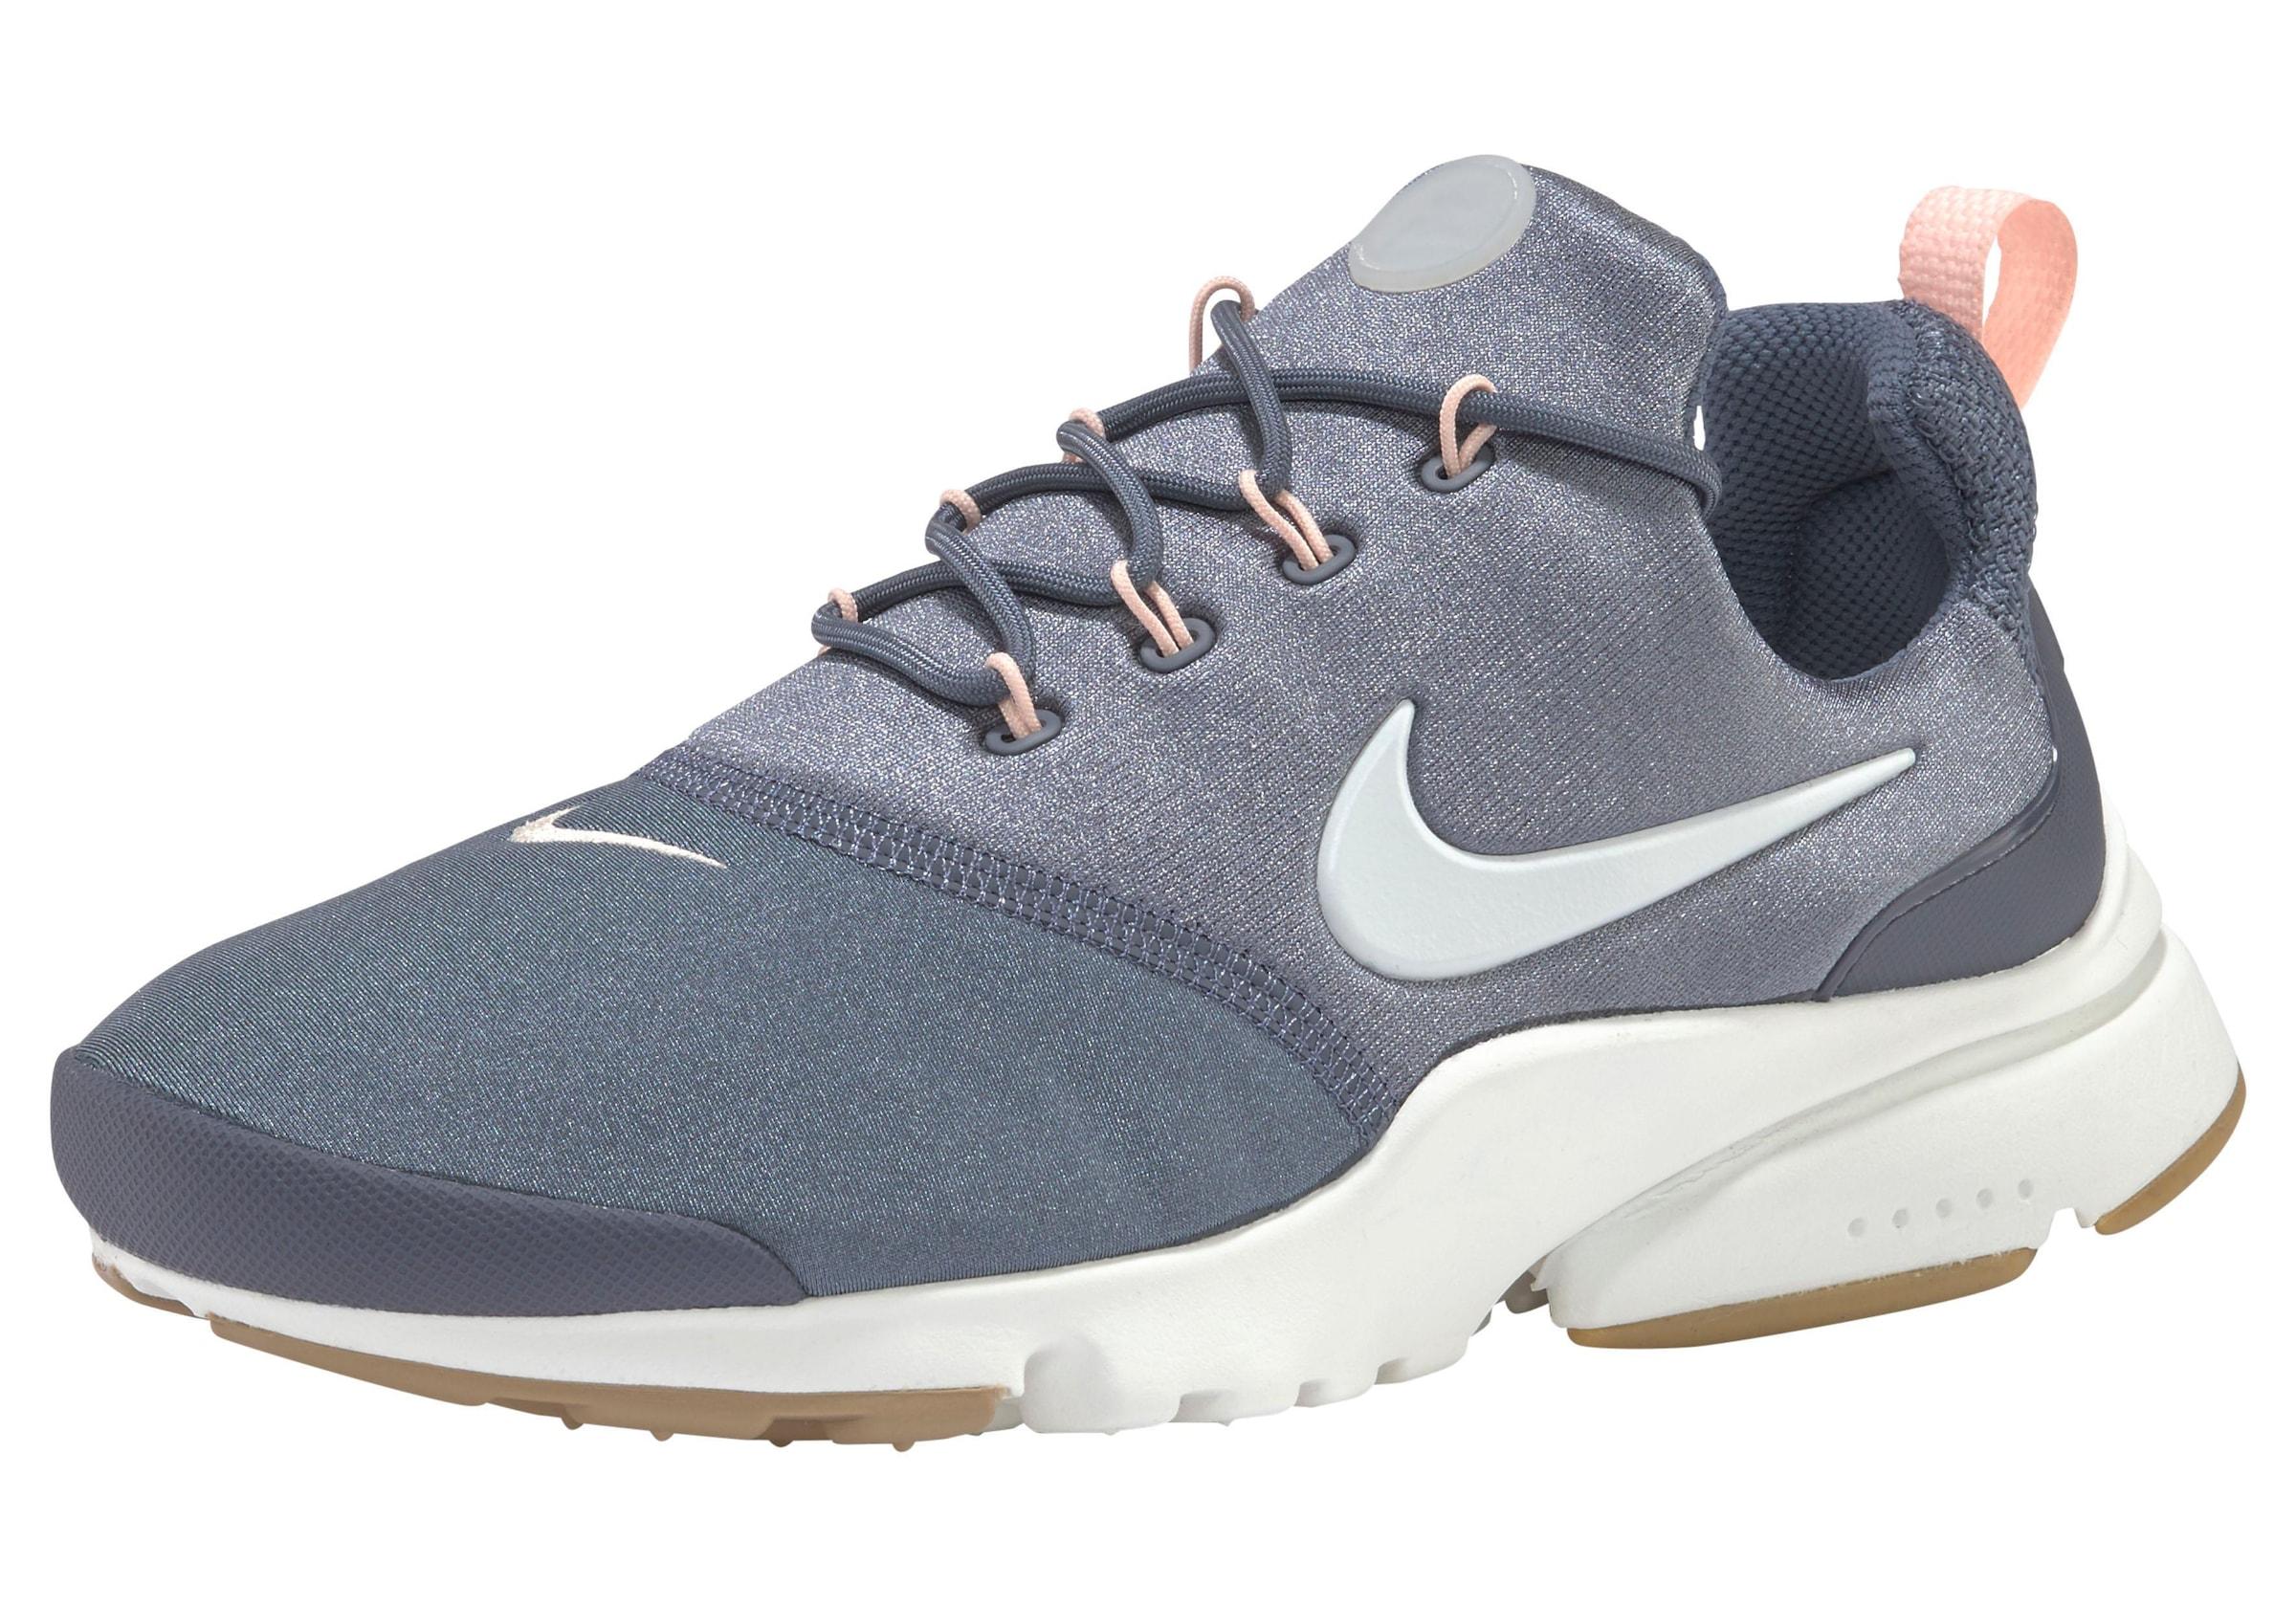 Nike Sportswear Sneaker Wmns Presto online Fly online Presto bestellen | Gutes Preis-Leistungs-Verhältnis, es lohnt sich d933b9